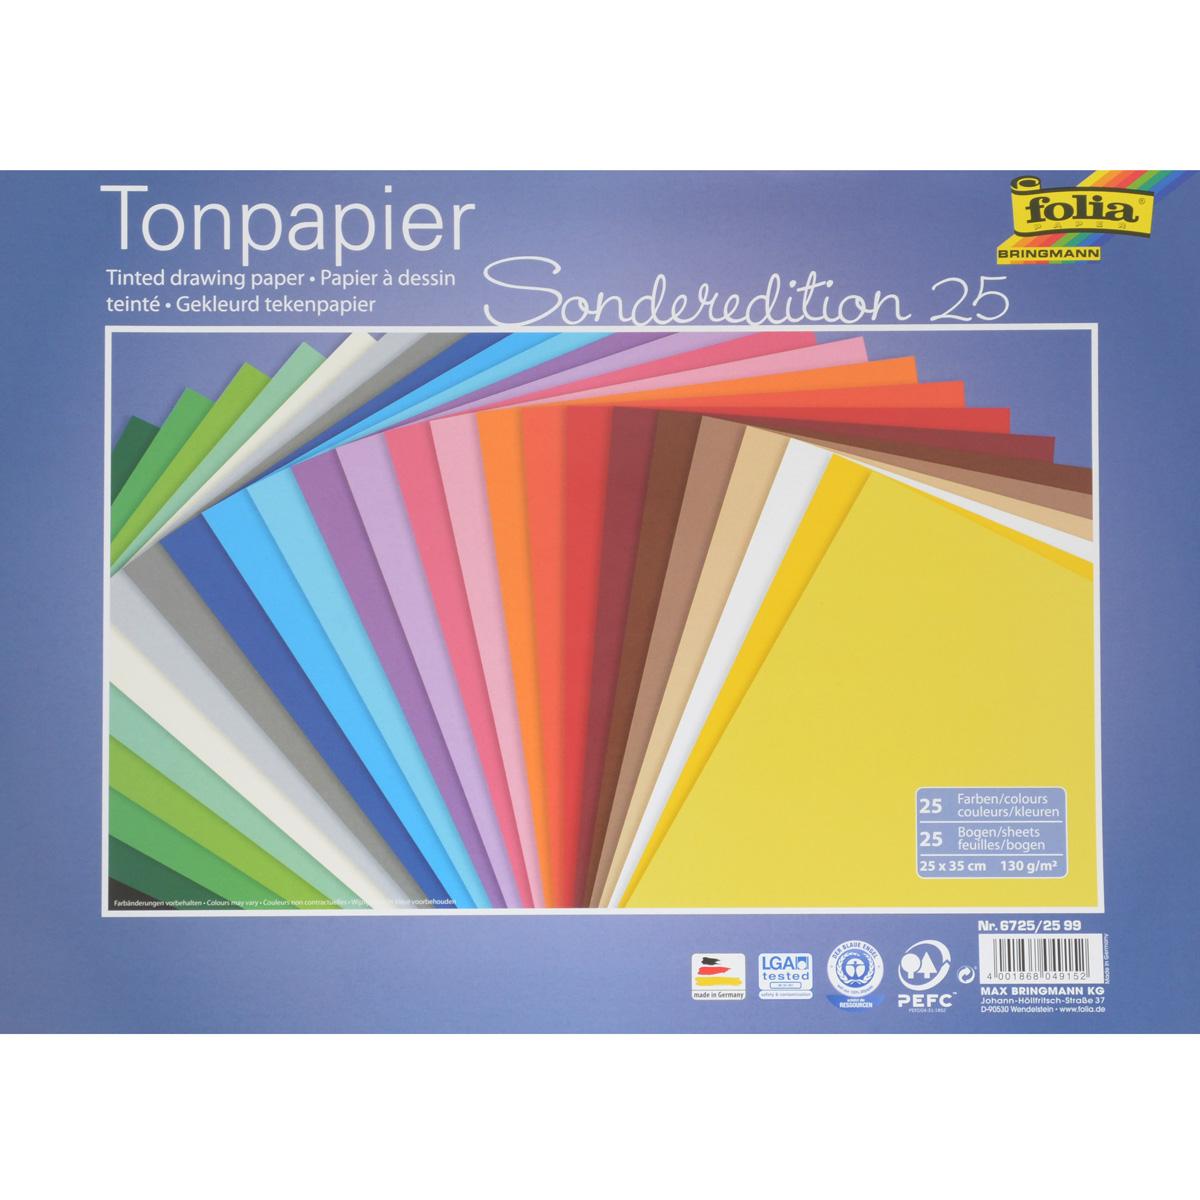 Бумага цветная Folia, 25 см х 35 см, 25 листов7708059Набор двусторонней цветной бумаги Folia прекрасно подходит для изготовления эксклюзивных подарков, открыток и многого другого. Детали, вырезанные из такой бумаги, прекрасно украсят открытки, аппликации и другие всевозможные поделки. В набор входит 25 листов бумаги разных цветов. Работа с набором развивает мелкую моторику, усидчивость и формирует художественный вкус.Плотность бумаги: 130 г/м2.Размер листа: 25 см х 35 см.